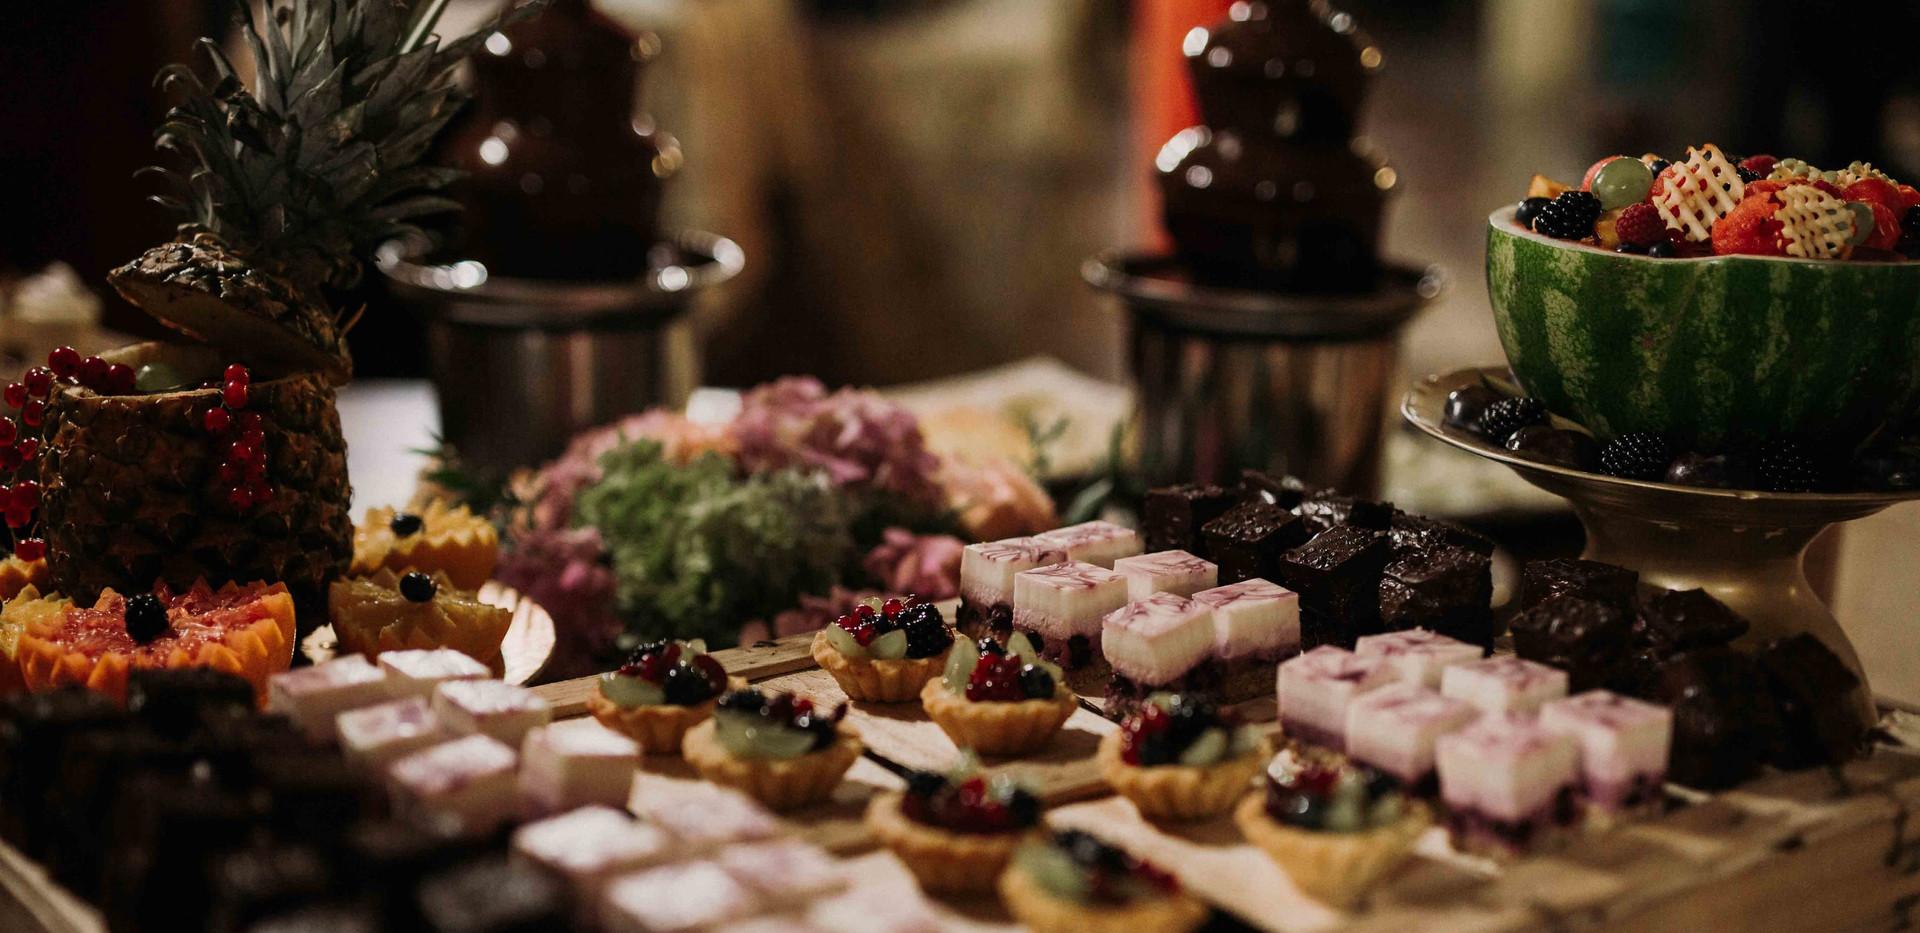 Csokiszökúkút és sütemények az esküvő egyik fénypontja